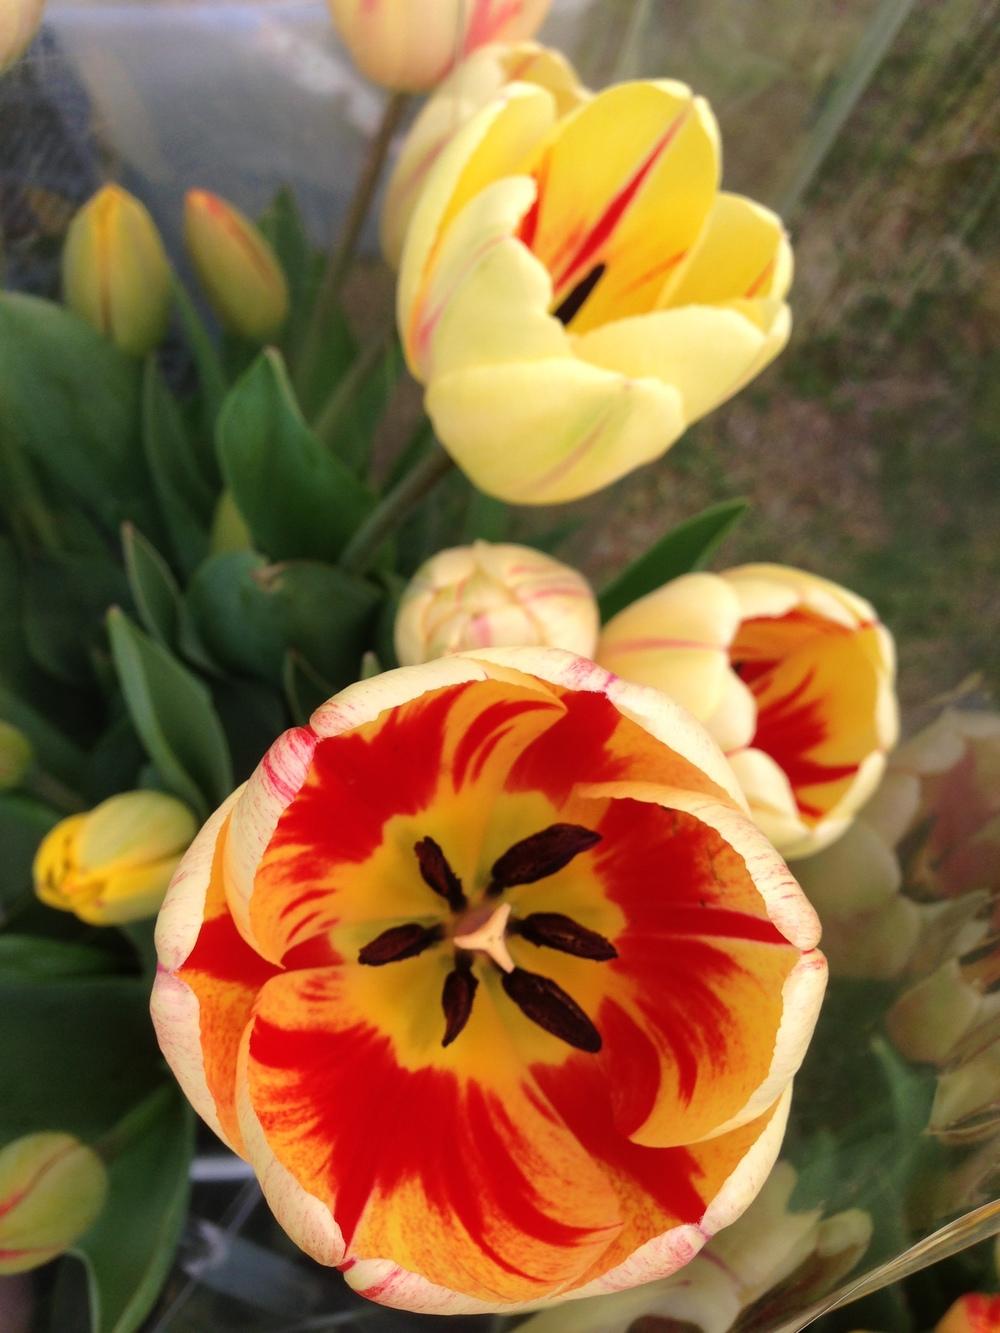 Tulips Ap2013 3.jpg